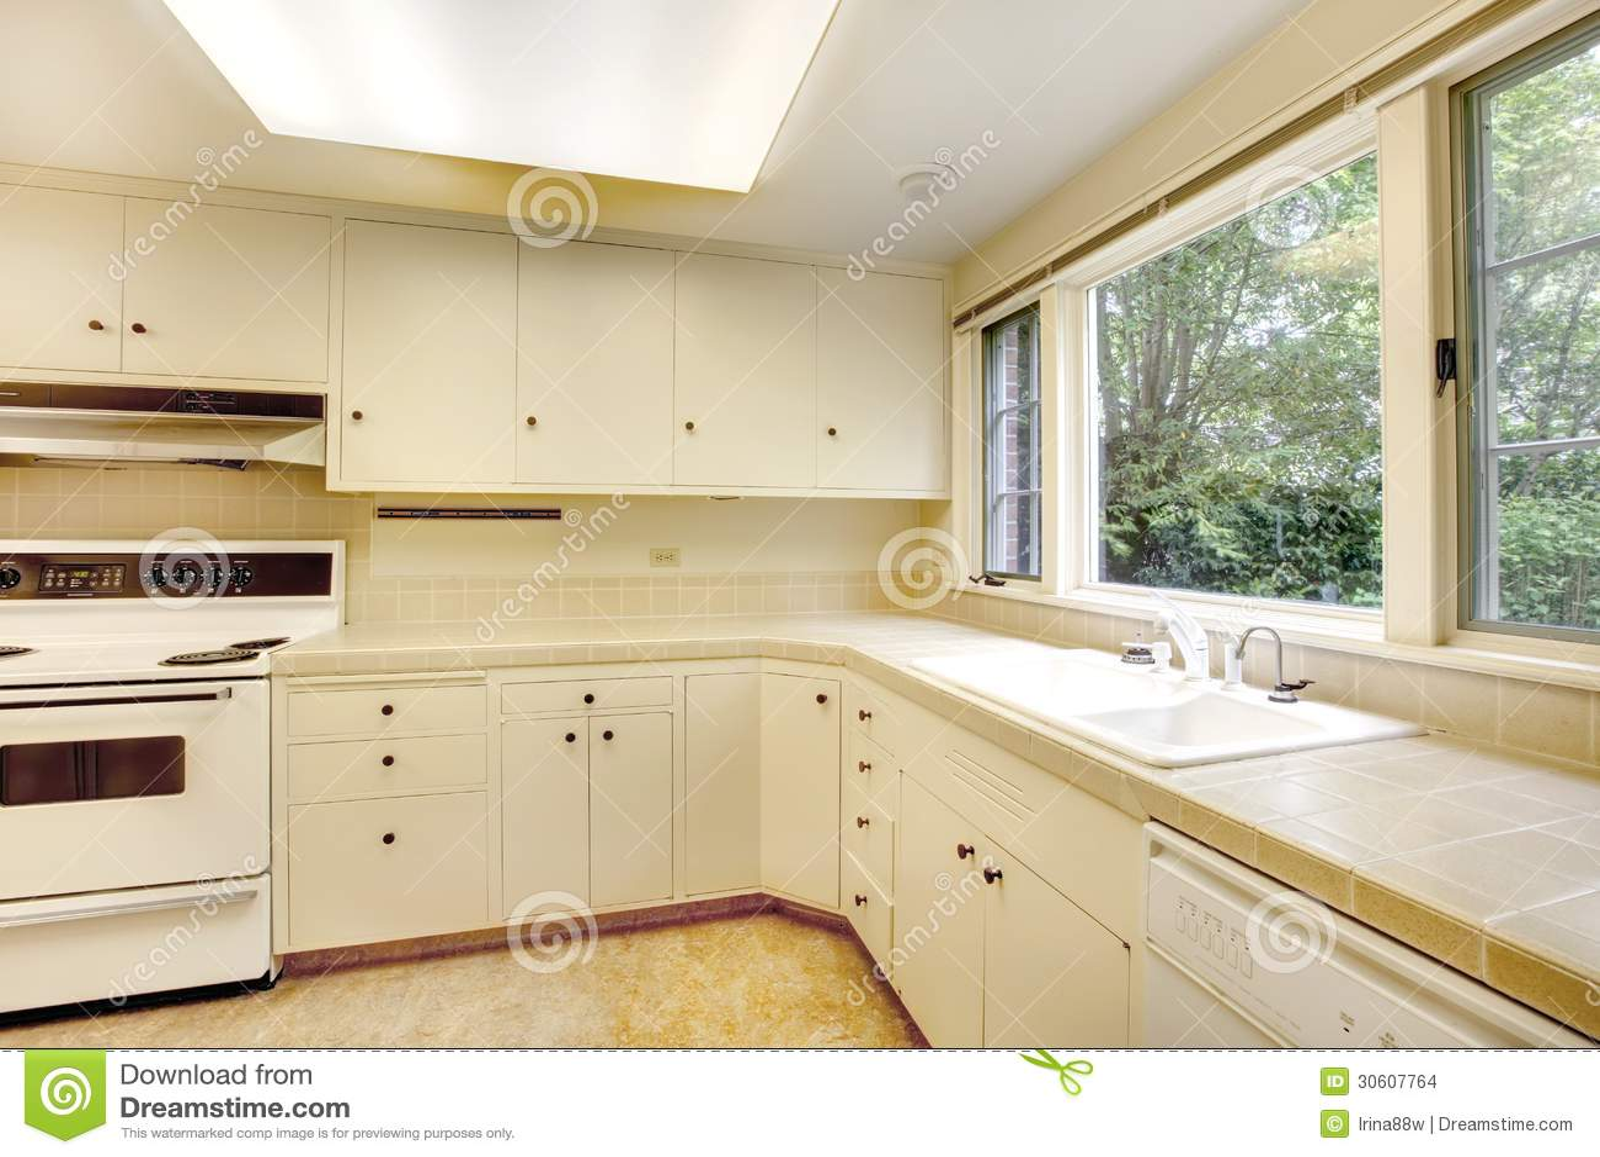 Viejo interior simple blanco de la cocina en casa - Casas americanas interiores ...